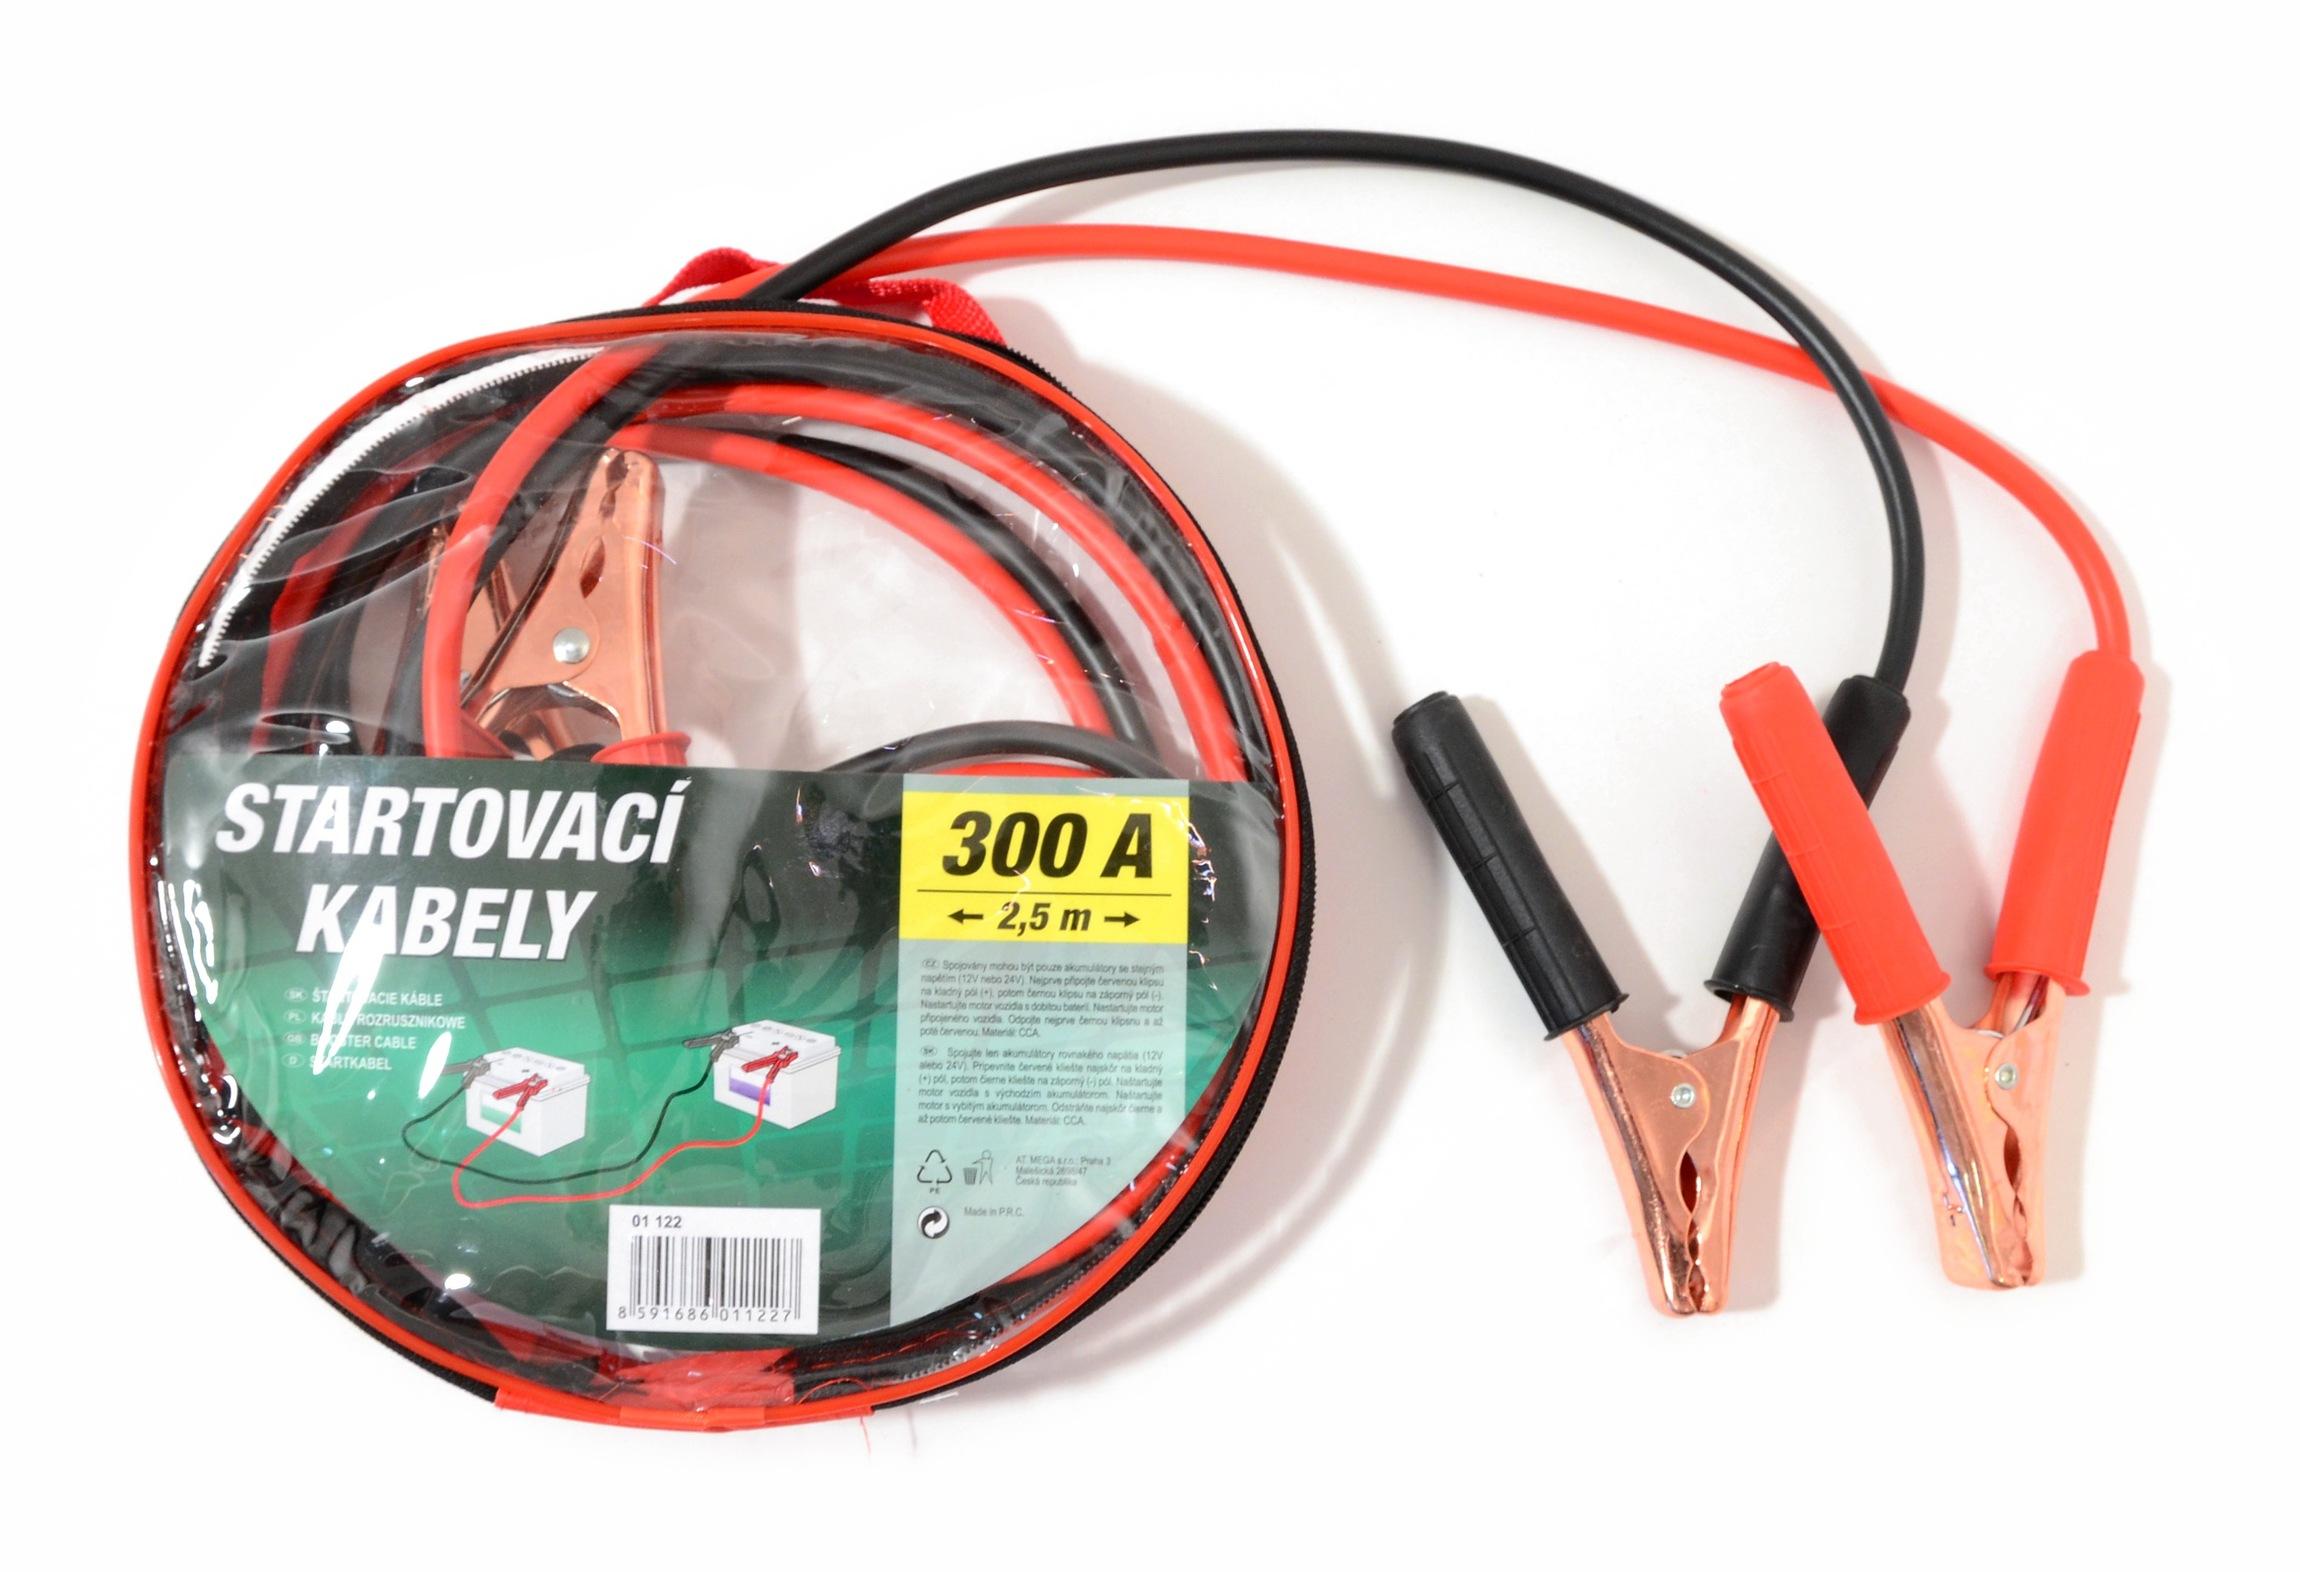 Compass 01122 Startovací kabely 300A  2,5m zipper bag